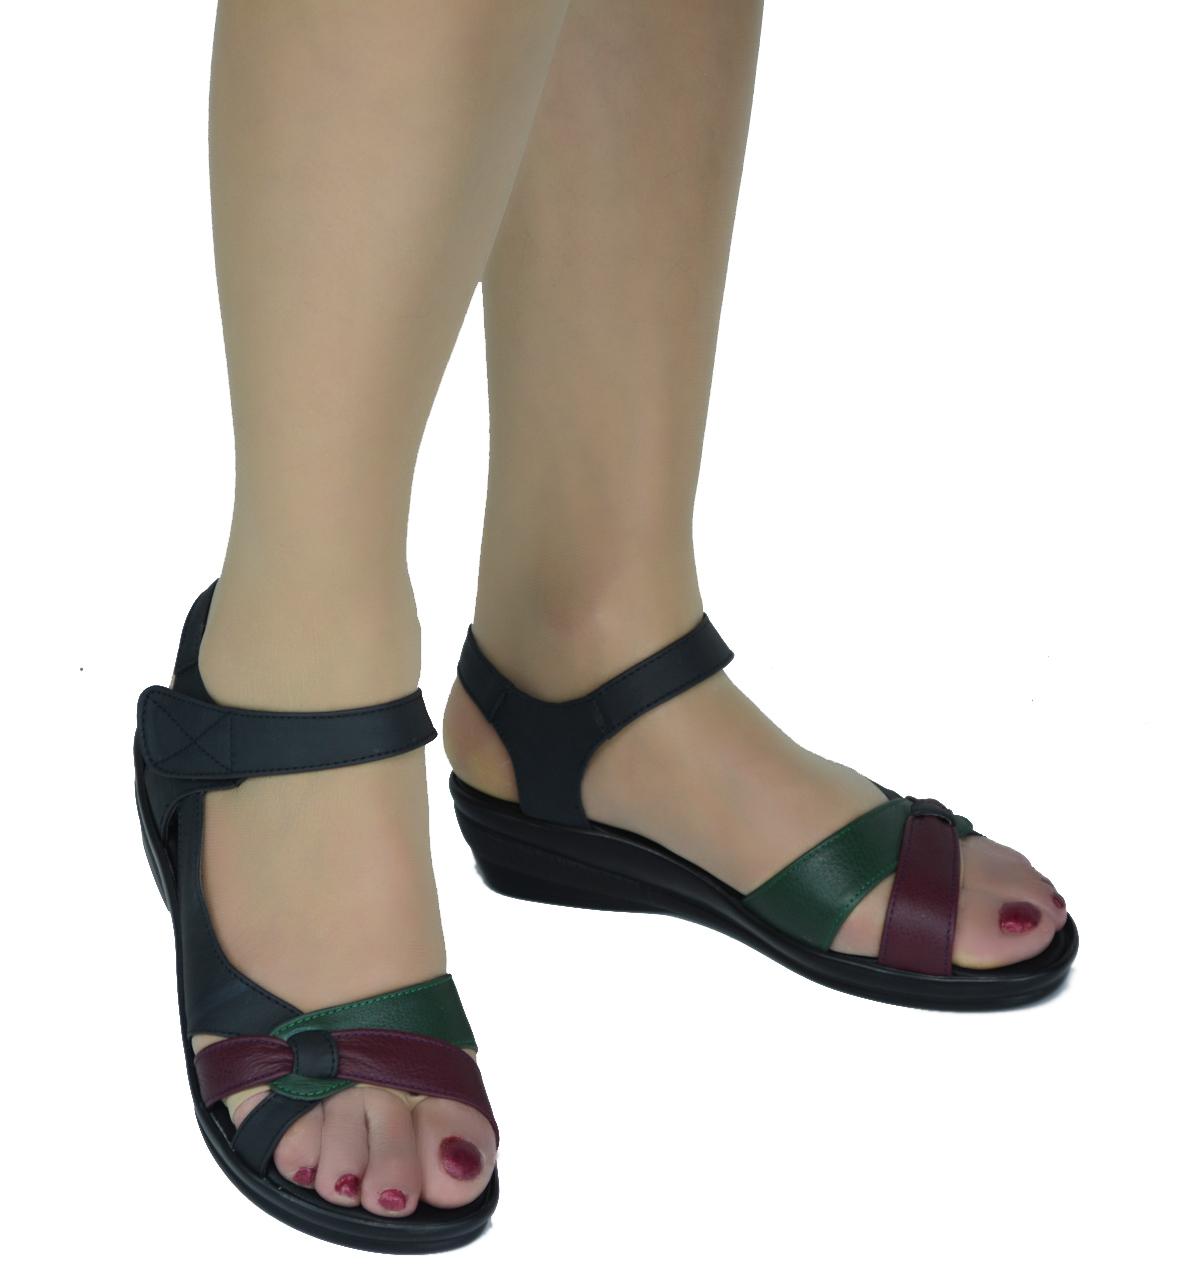 红蜻蜓女装中跟皮鞋_大码红蜻蜓正品女凉鞋夏季新款中老年真牛皮拼色女鞋平跟妈妈皮鞋